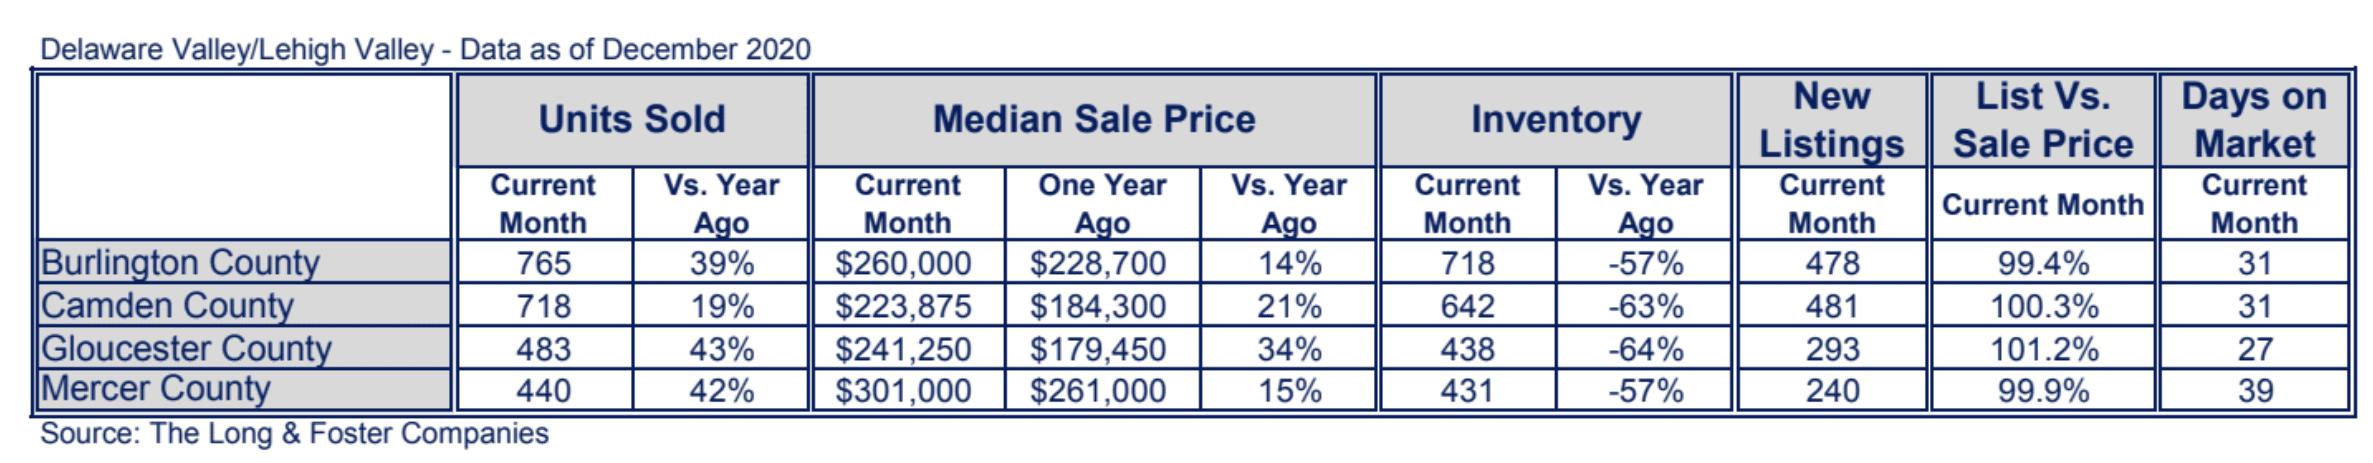 New Jersey Suburbs Market Minute Chart December 2020